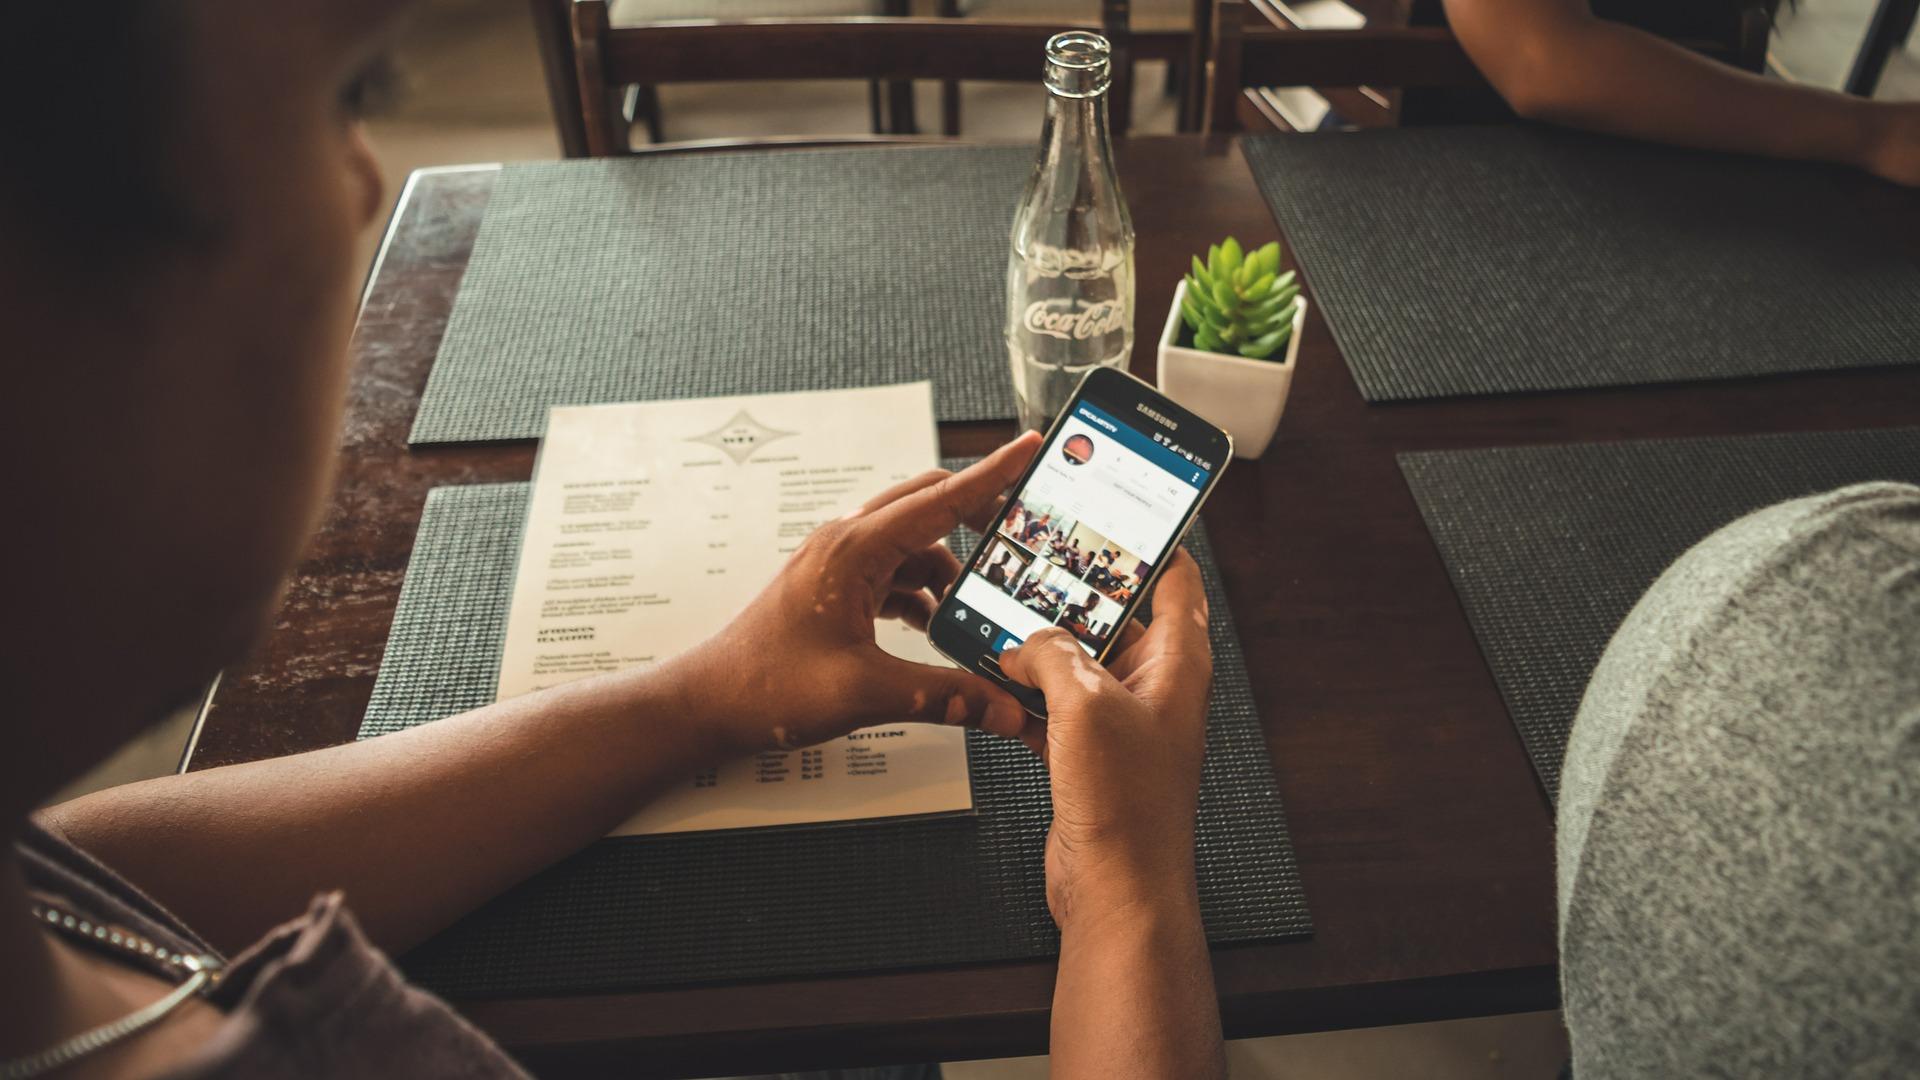 Instagram und die Spam-Likes (Bild: YashilG/pixabay.com)